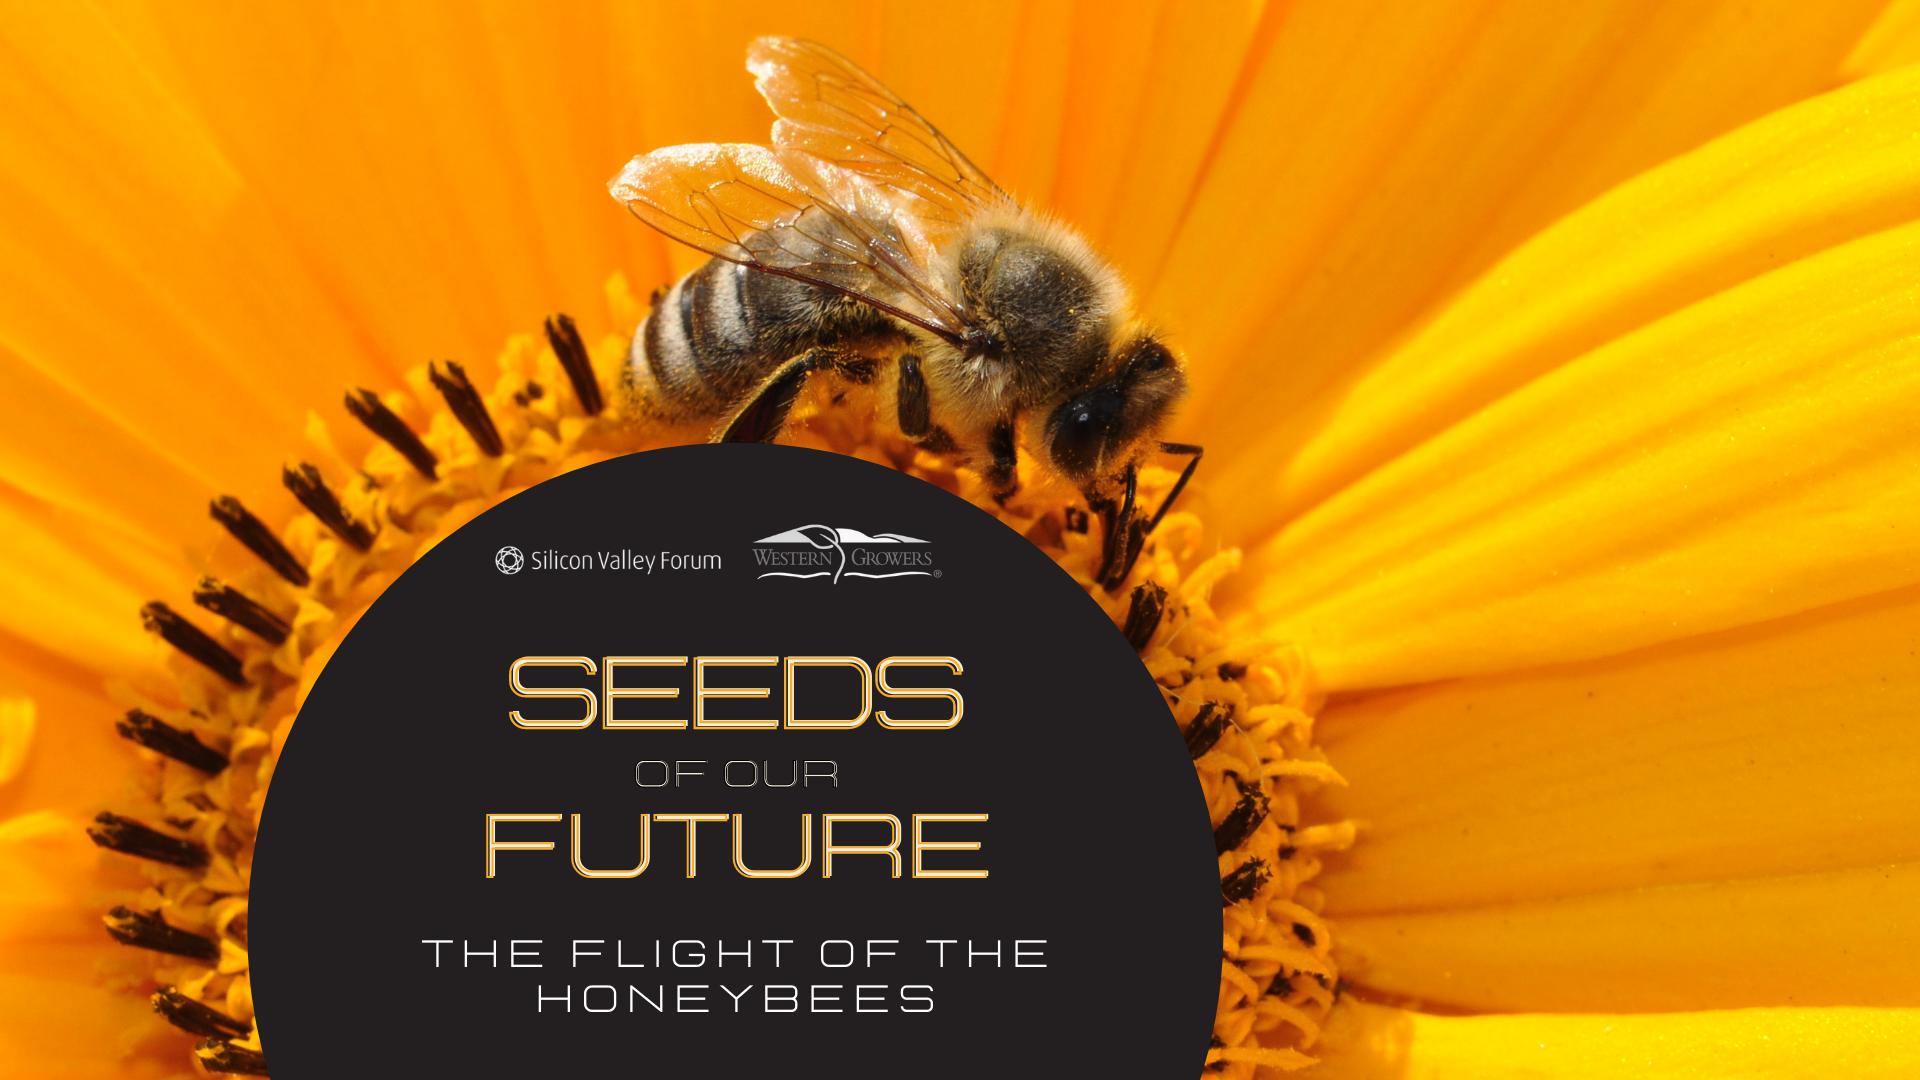 Semillas de nuestro futuro: el vuelo de las abejas